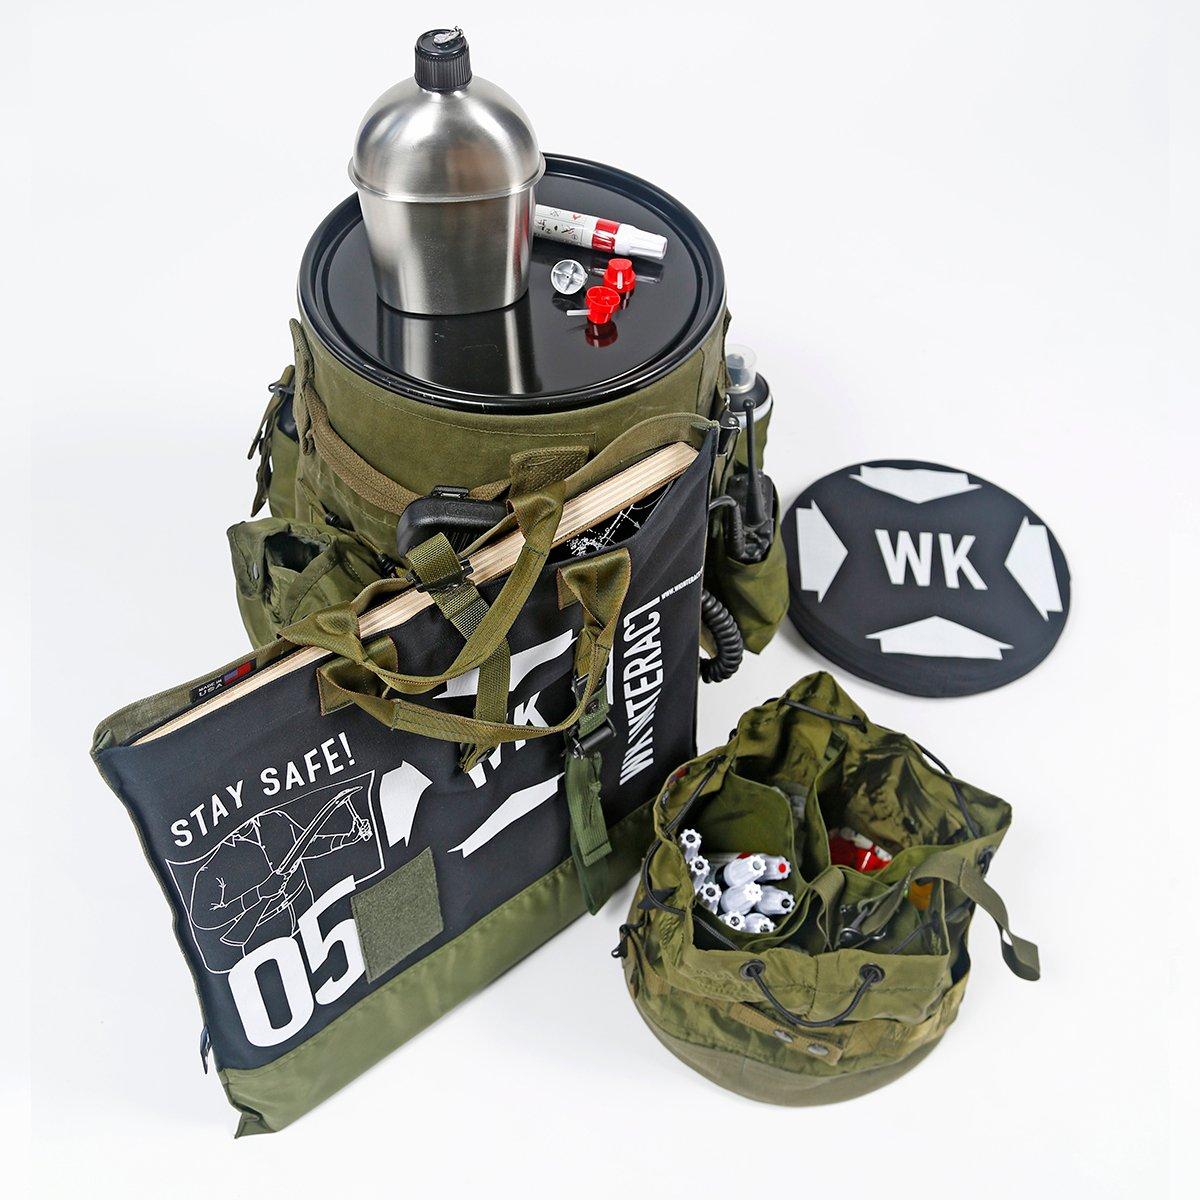 Image of WK - TOOL BUCKET